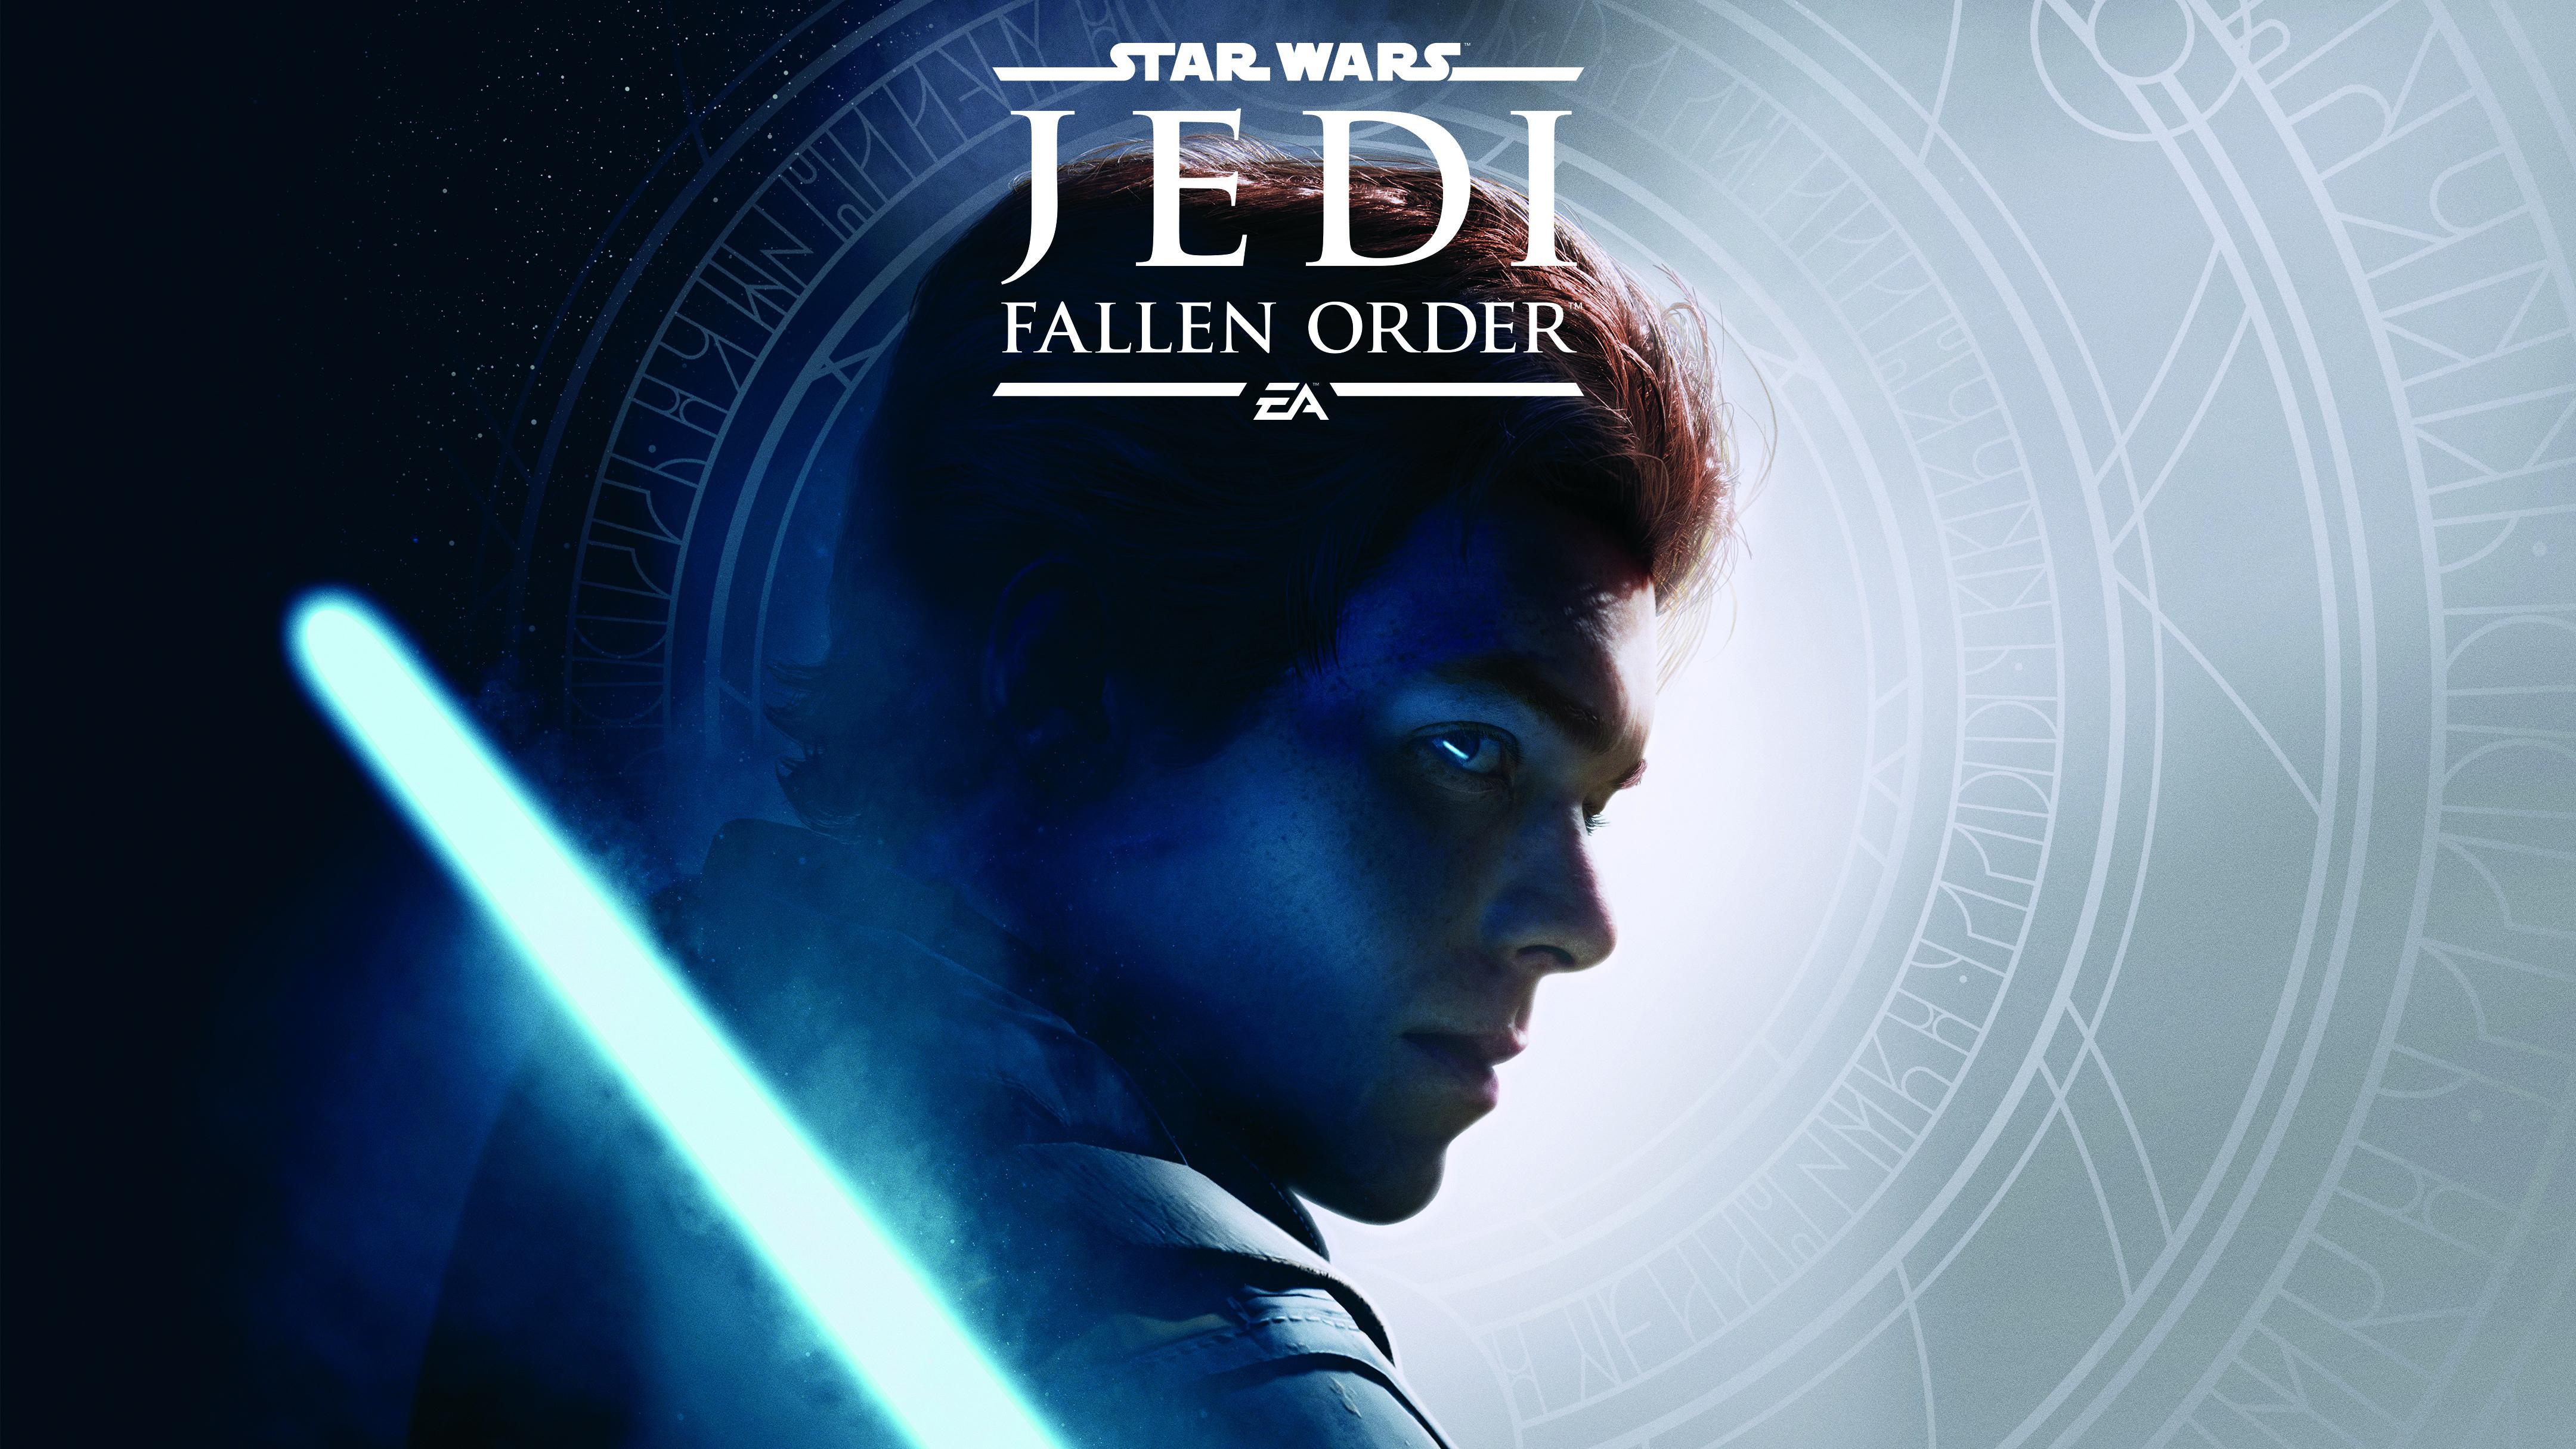 Star Wars Jedi Fallen Order 4k 2019, HD Games, 4k ...